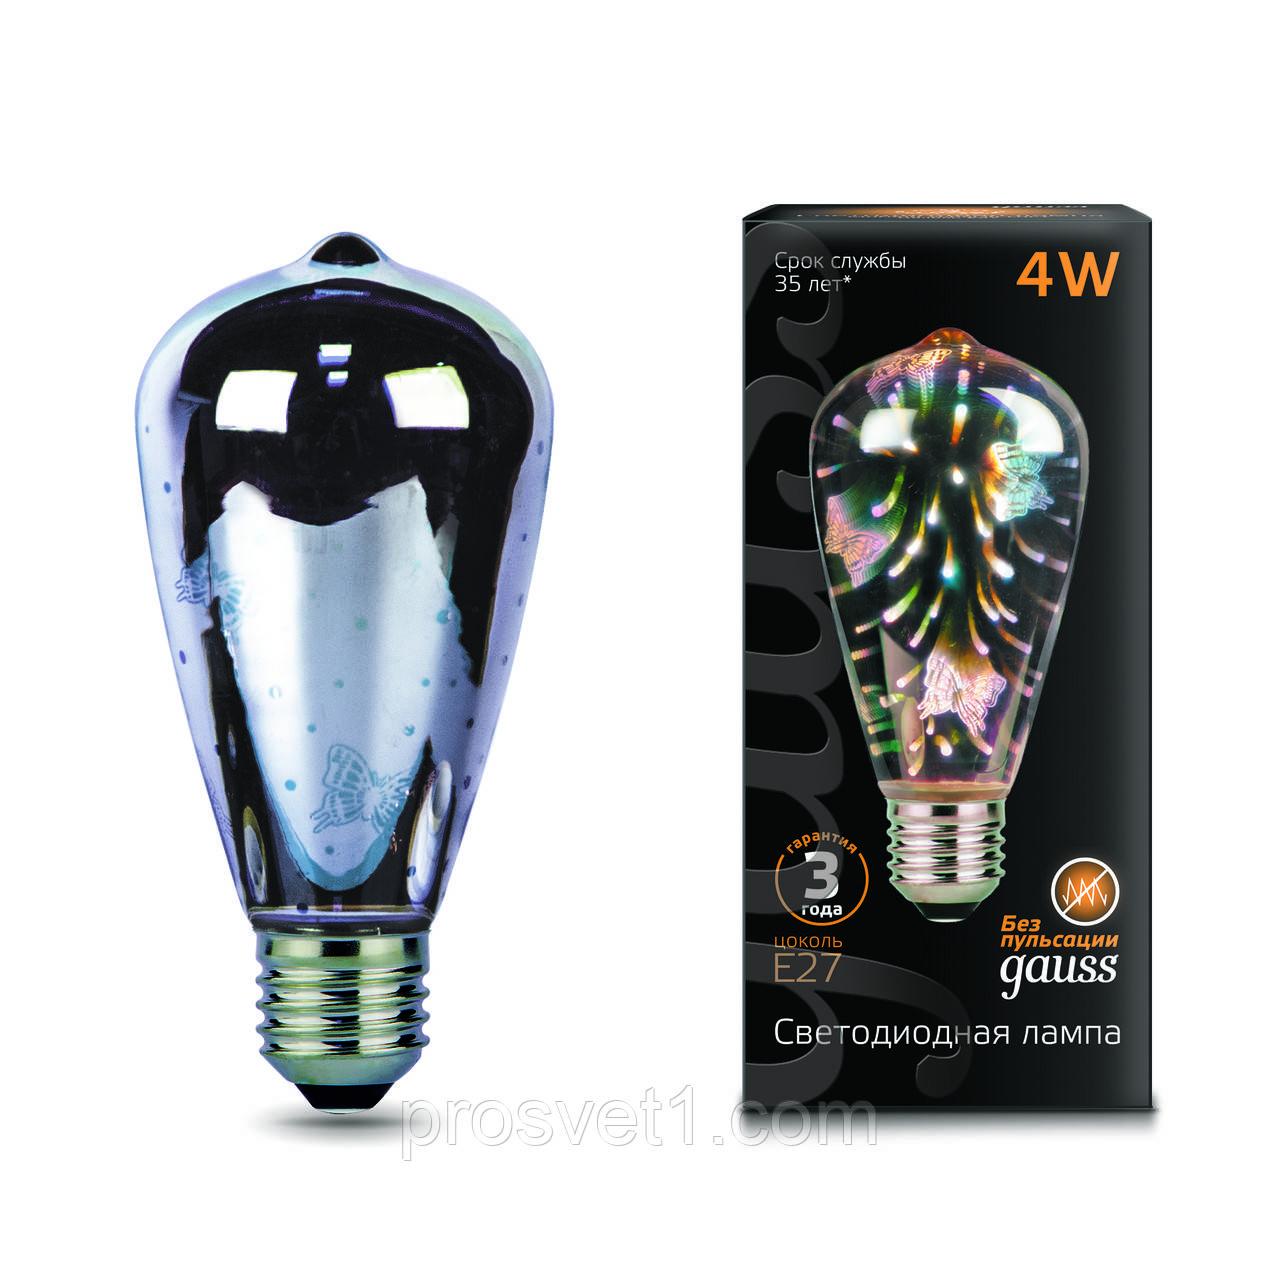 Лампа светодиодная декоративная с эффектом 3D E27 4W Butterfly